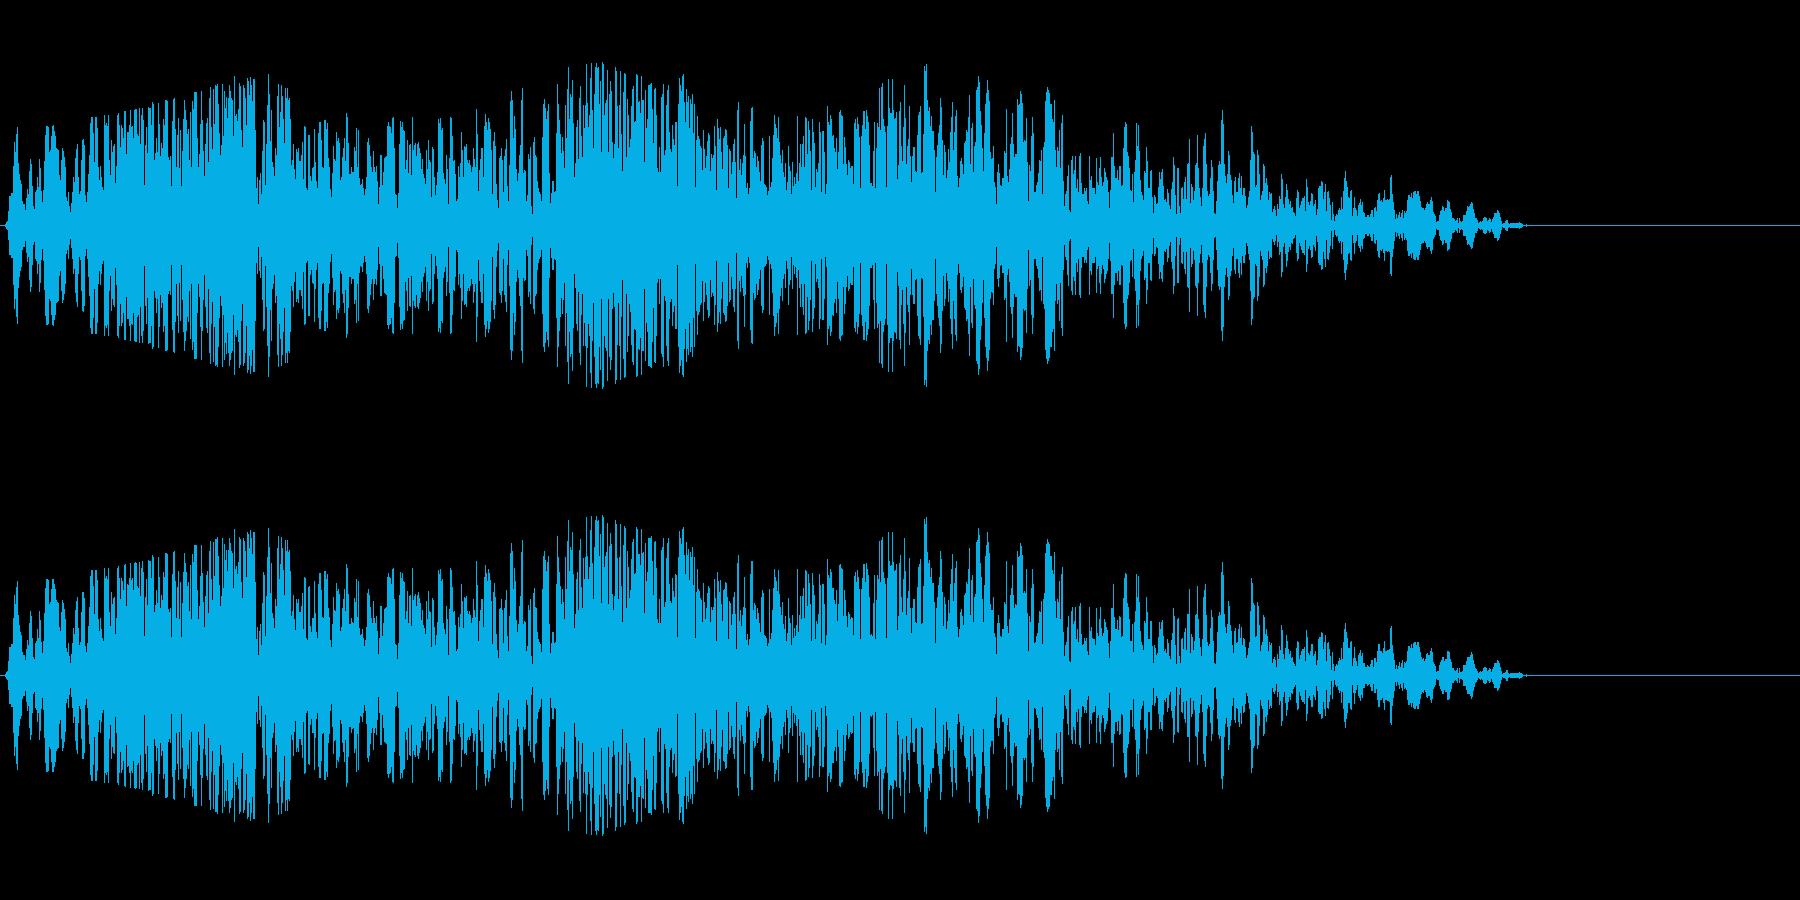 吹き込む風2の再生済みの波形